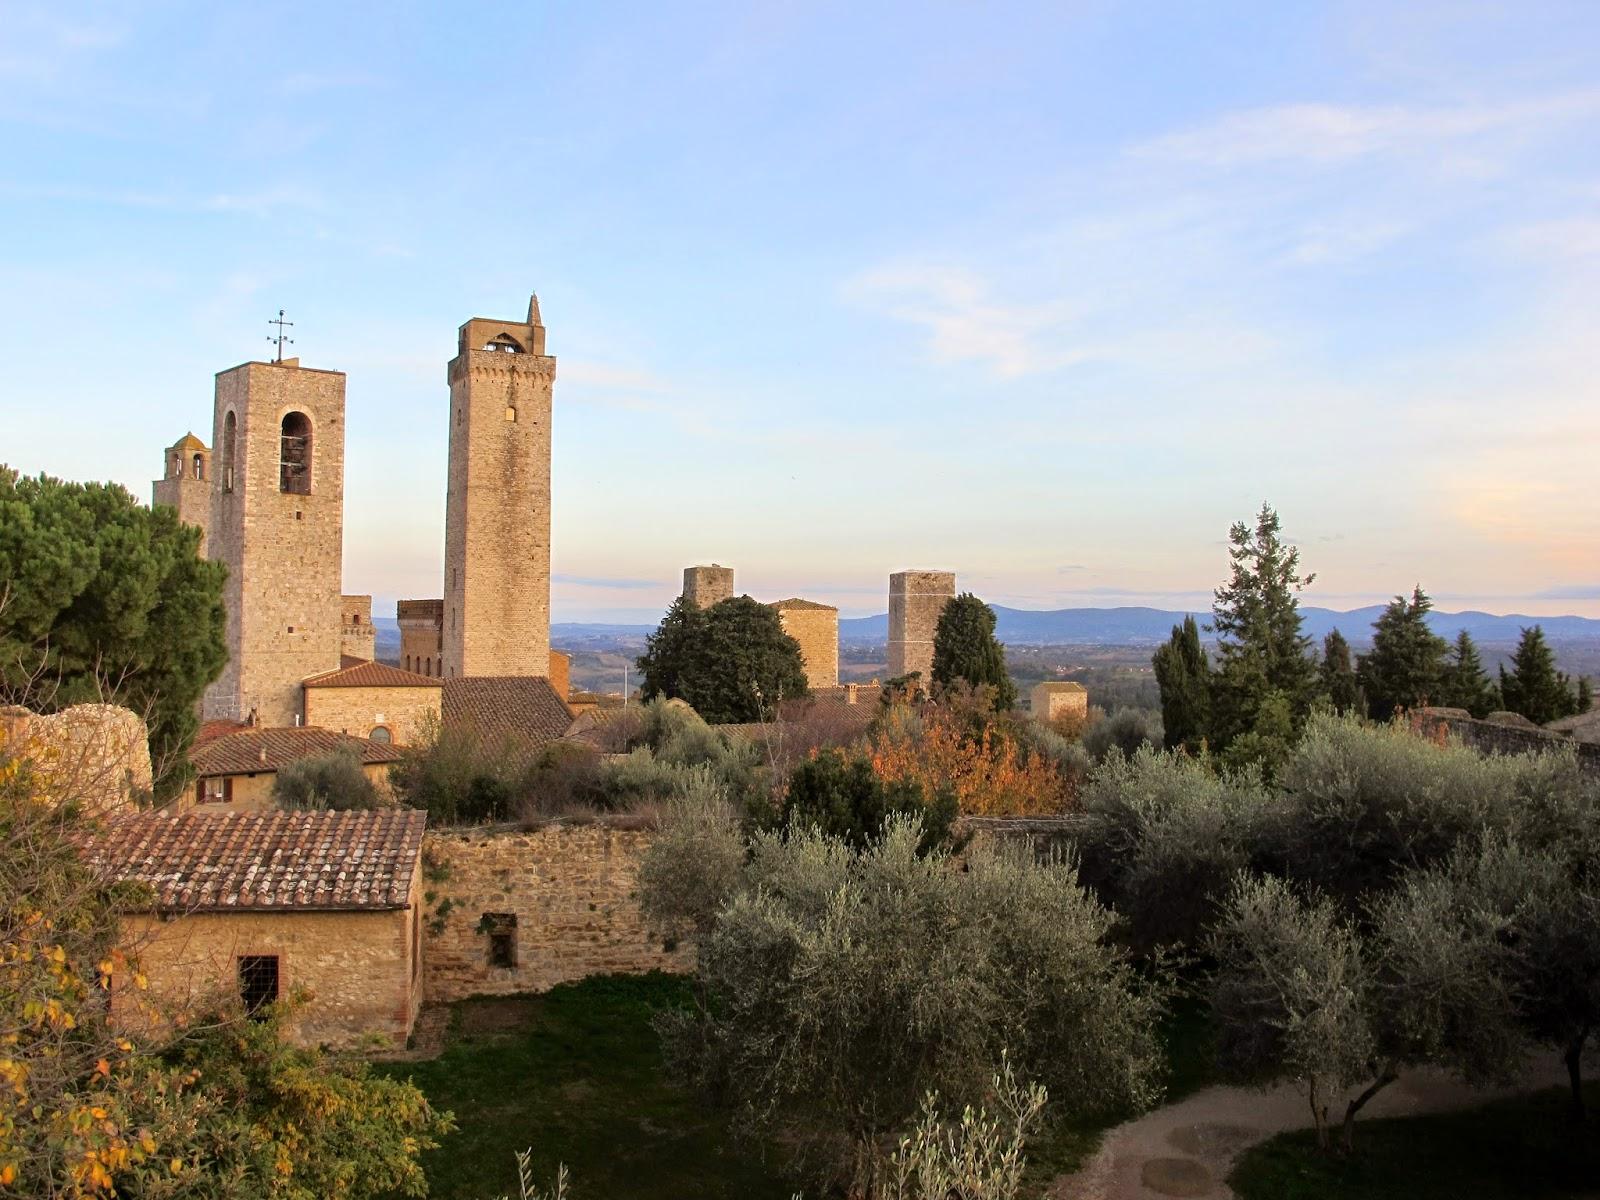 Travel diary: San Gimignano, Tuscany